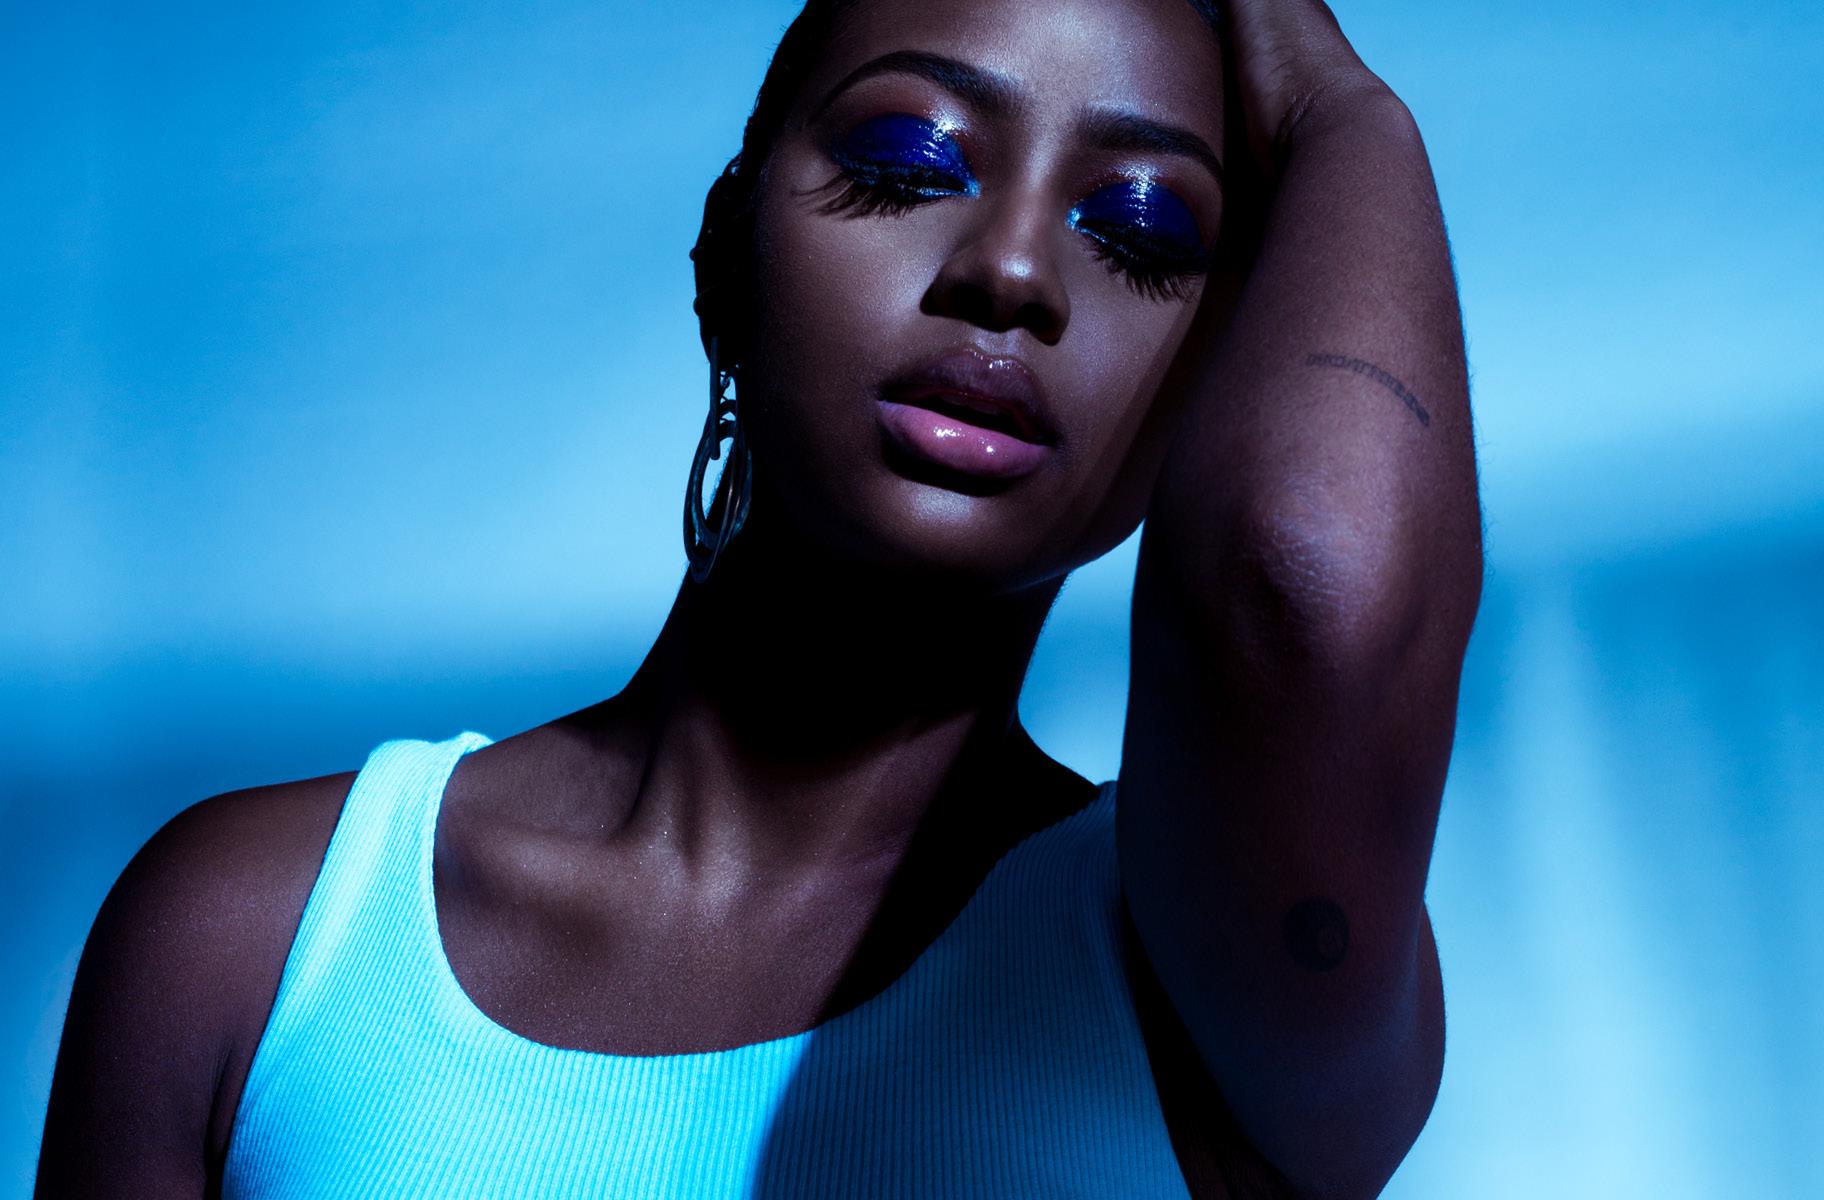 Spirit-&-Flesh-Magazine_Justine-Skye_9